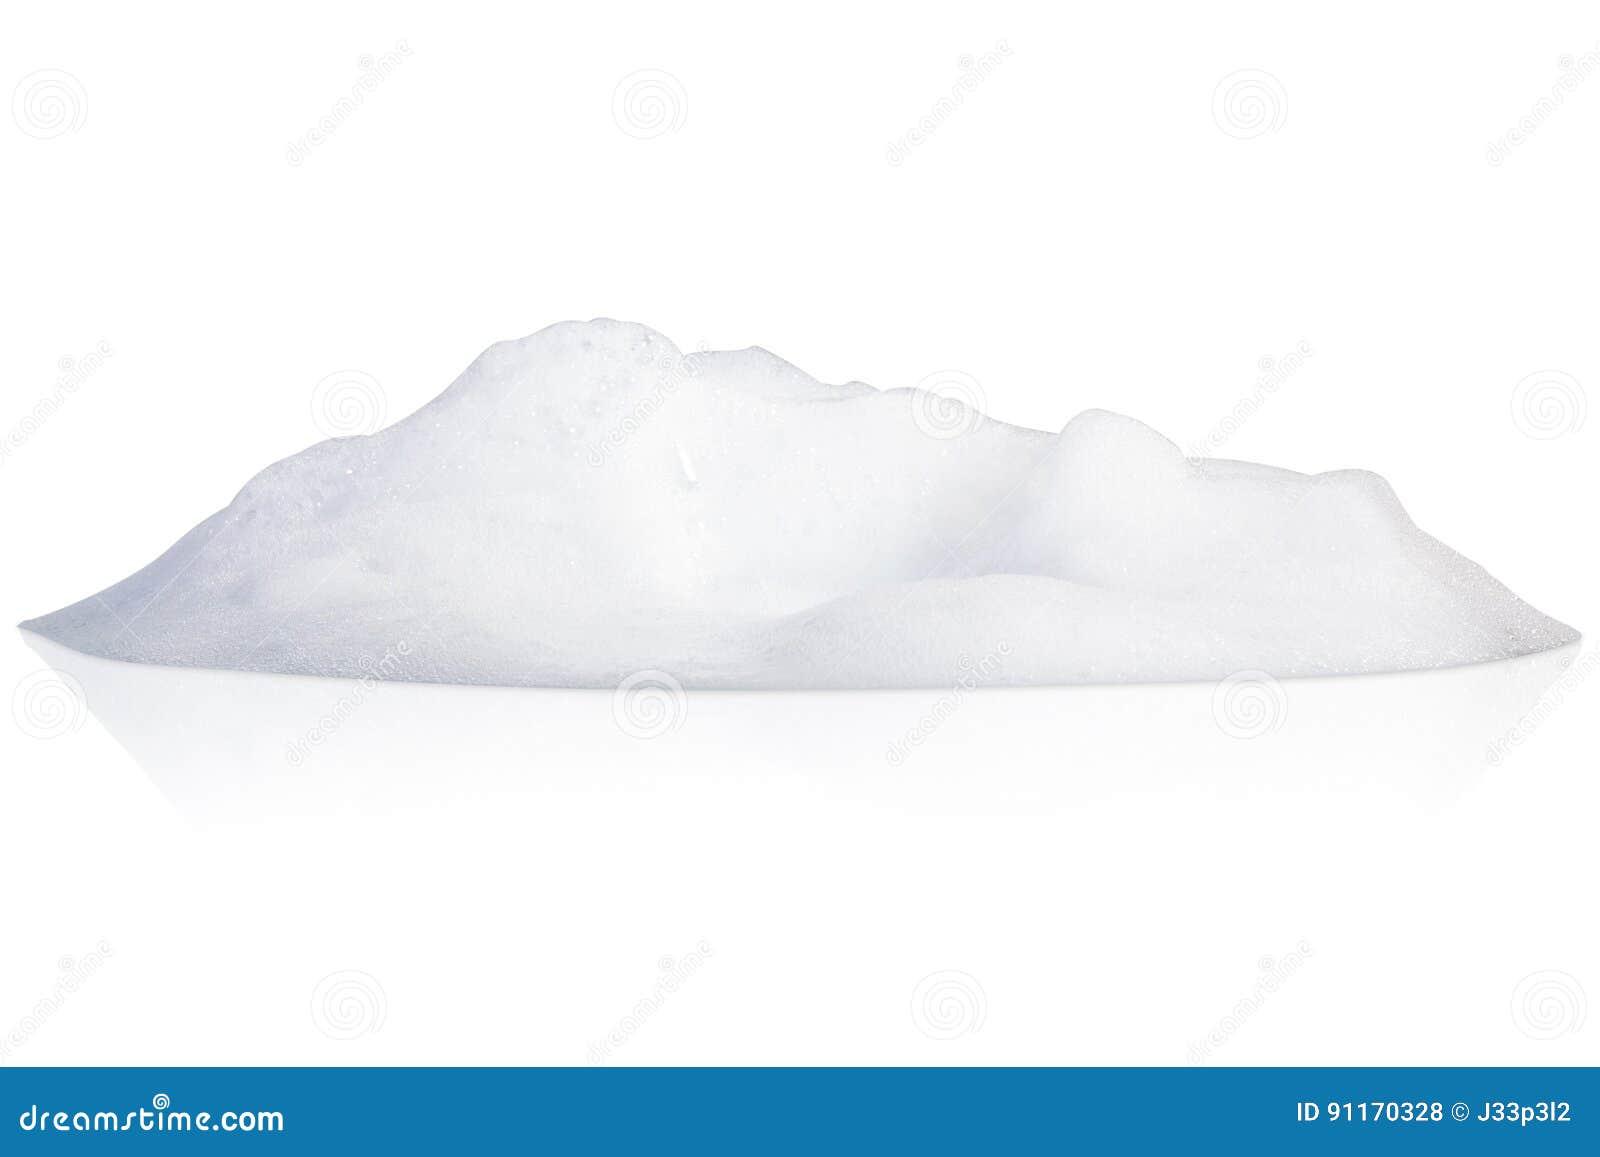 White foam bubbles texture